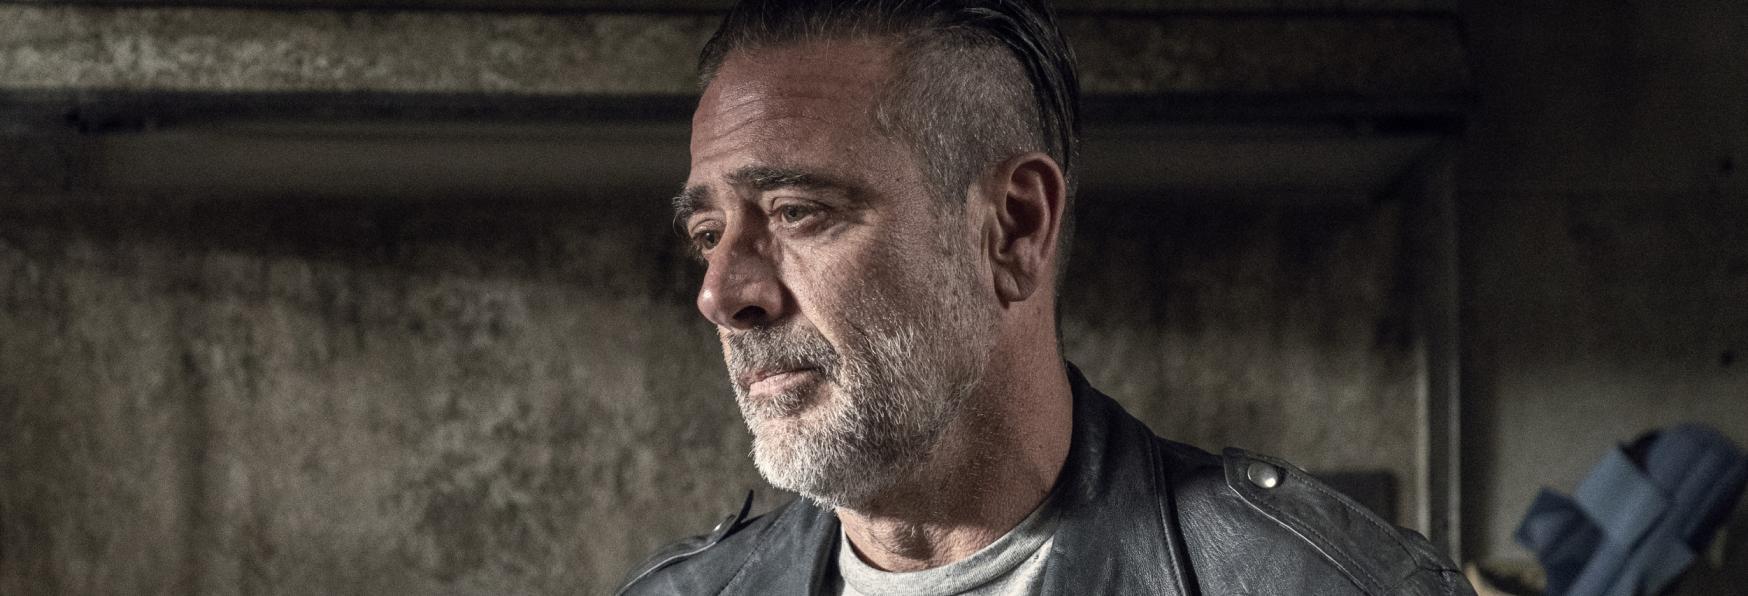 The Walking Dead si Concluderà con l'11° Stagione che sarà più Lunga delle Precedenti